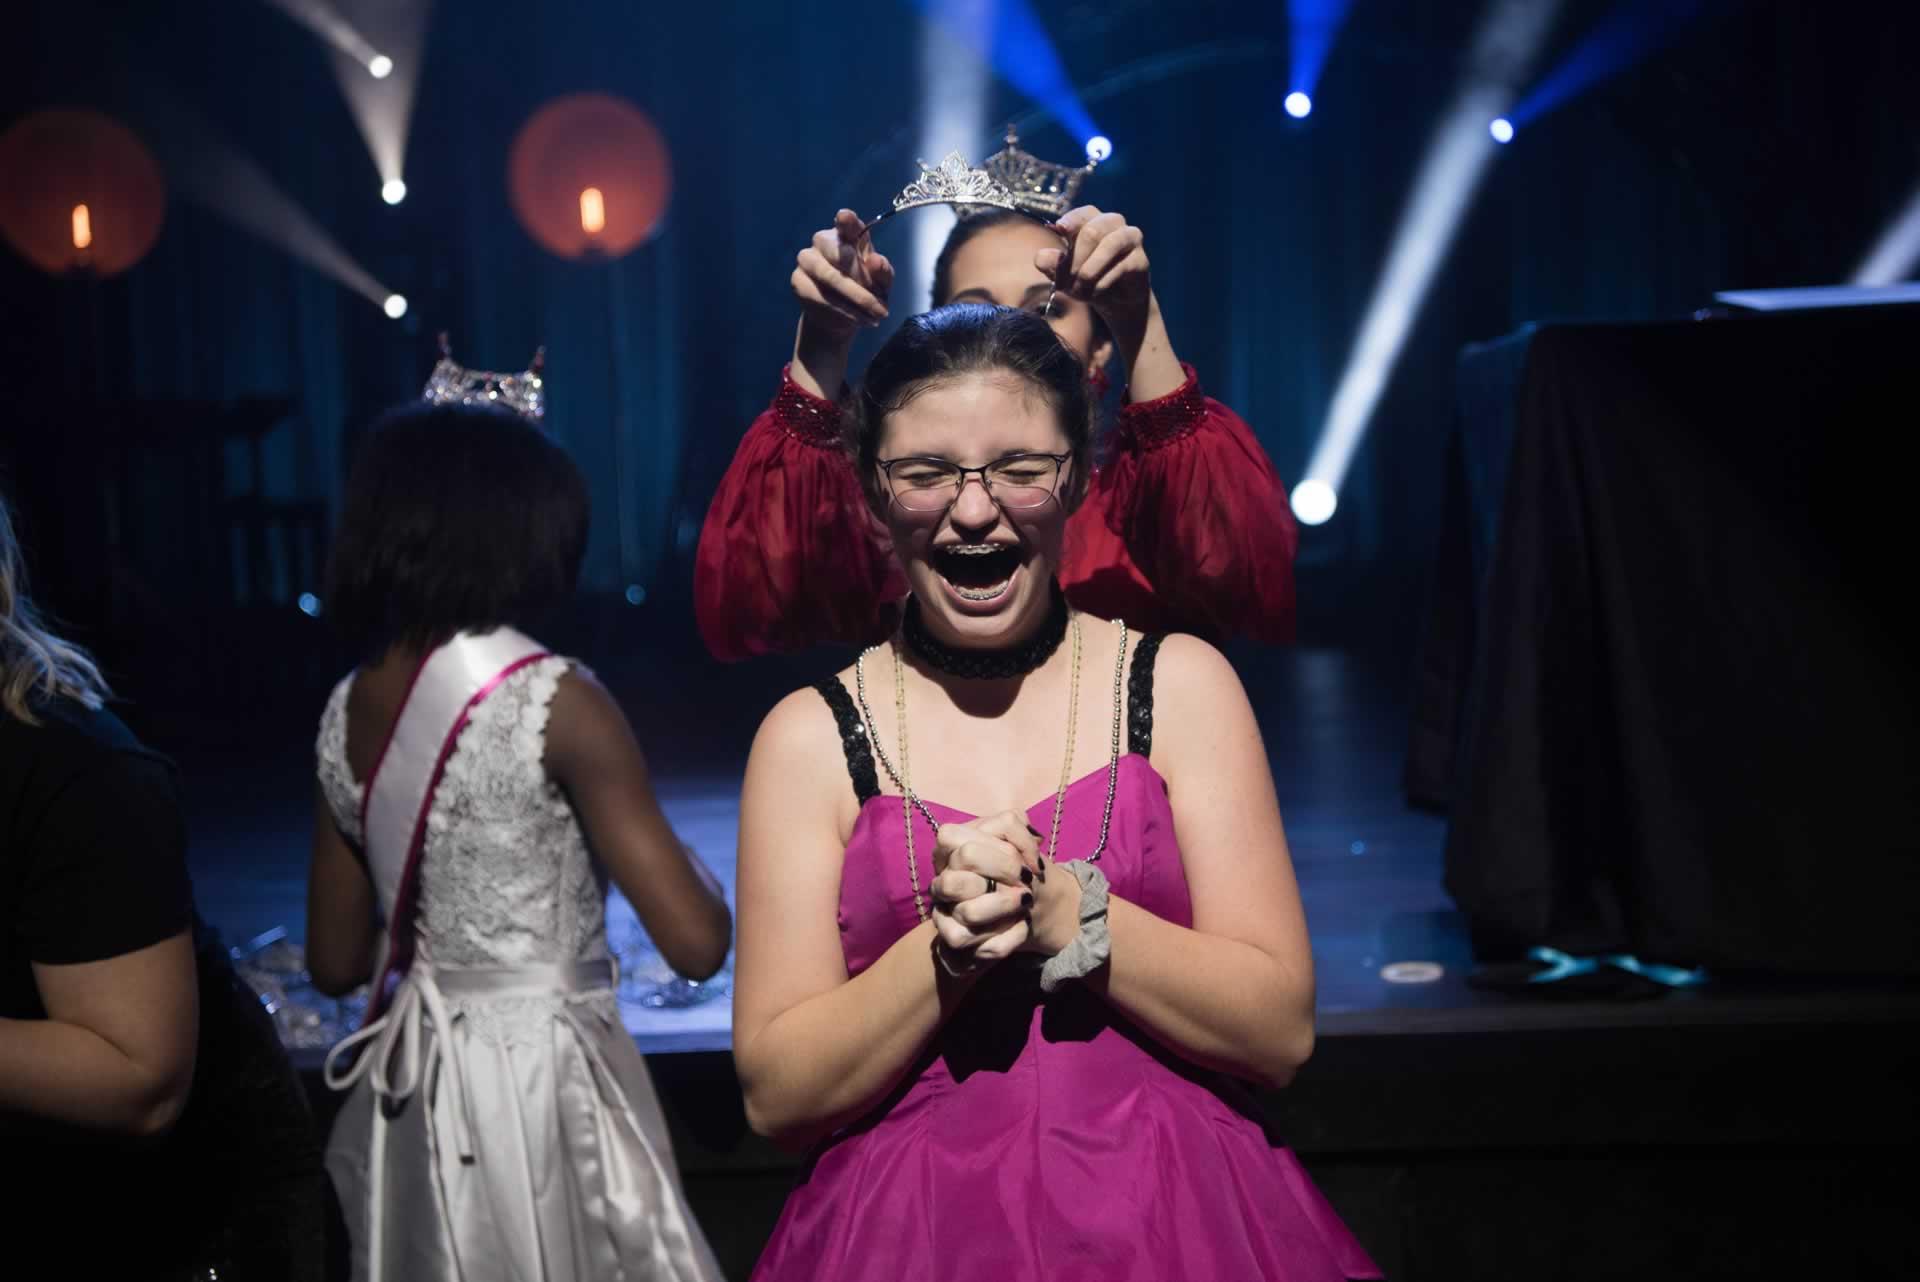 Girl receiving crown